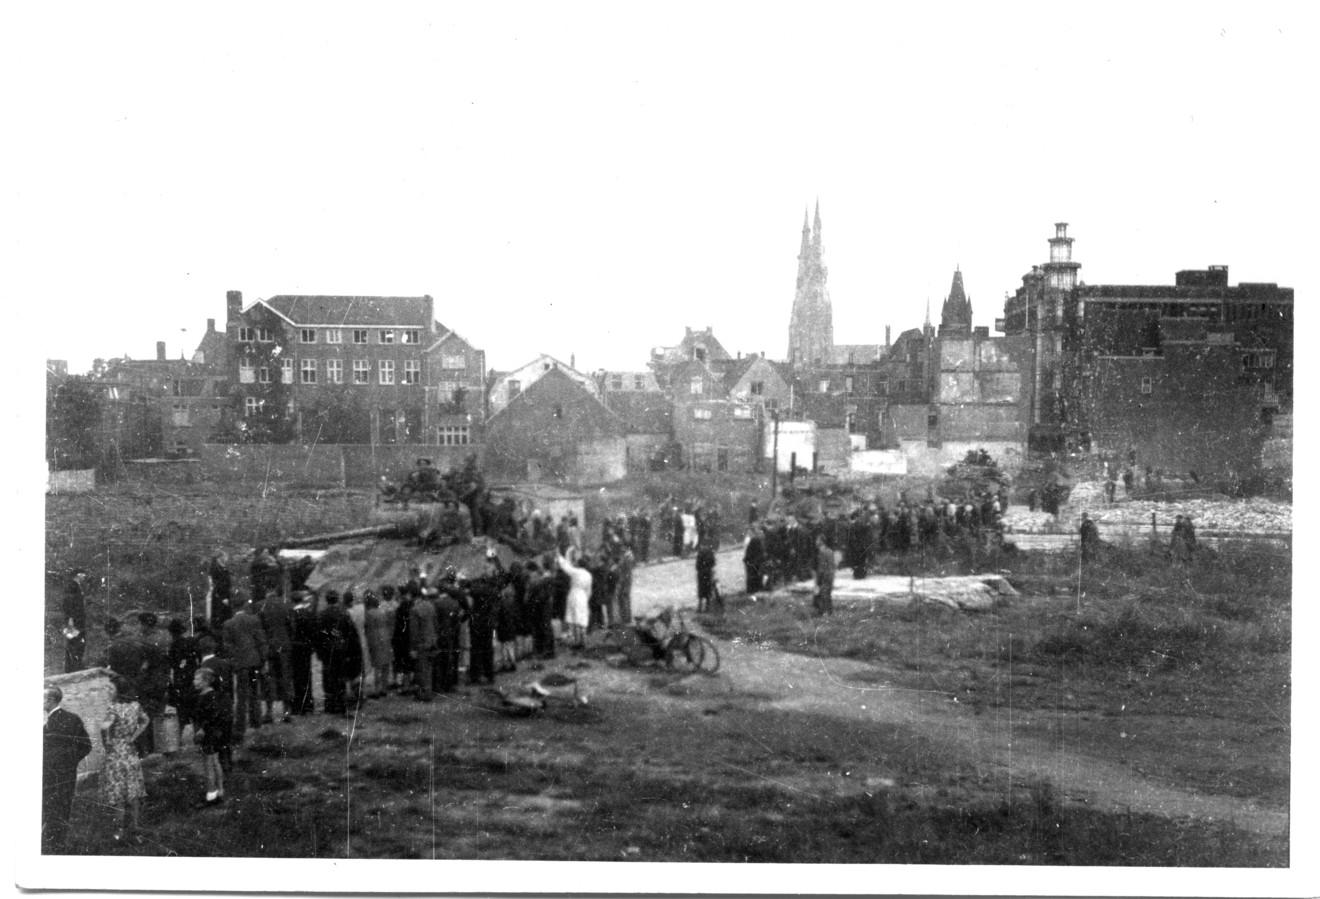 De Britse troepen trekken in september 1944 over de Demer. Rechts is de toren van het voormalige V&D-gebouw nog te zien. Goed te zien is hoezeer alles verwoest is. De straat was gebombardeerd door de Engelsen bij het Sinterklaasbombardement in 1942. De binnenstad is in september 1944 ook nog geraakt door Duitse bommen. FOTO EINDHOVEN IN BEELD